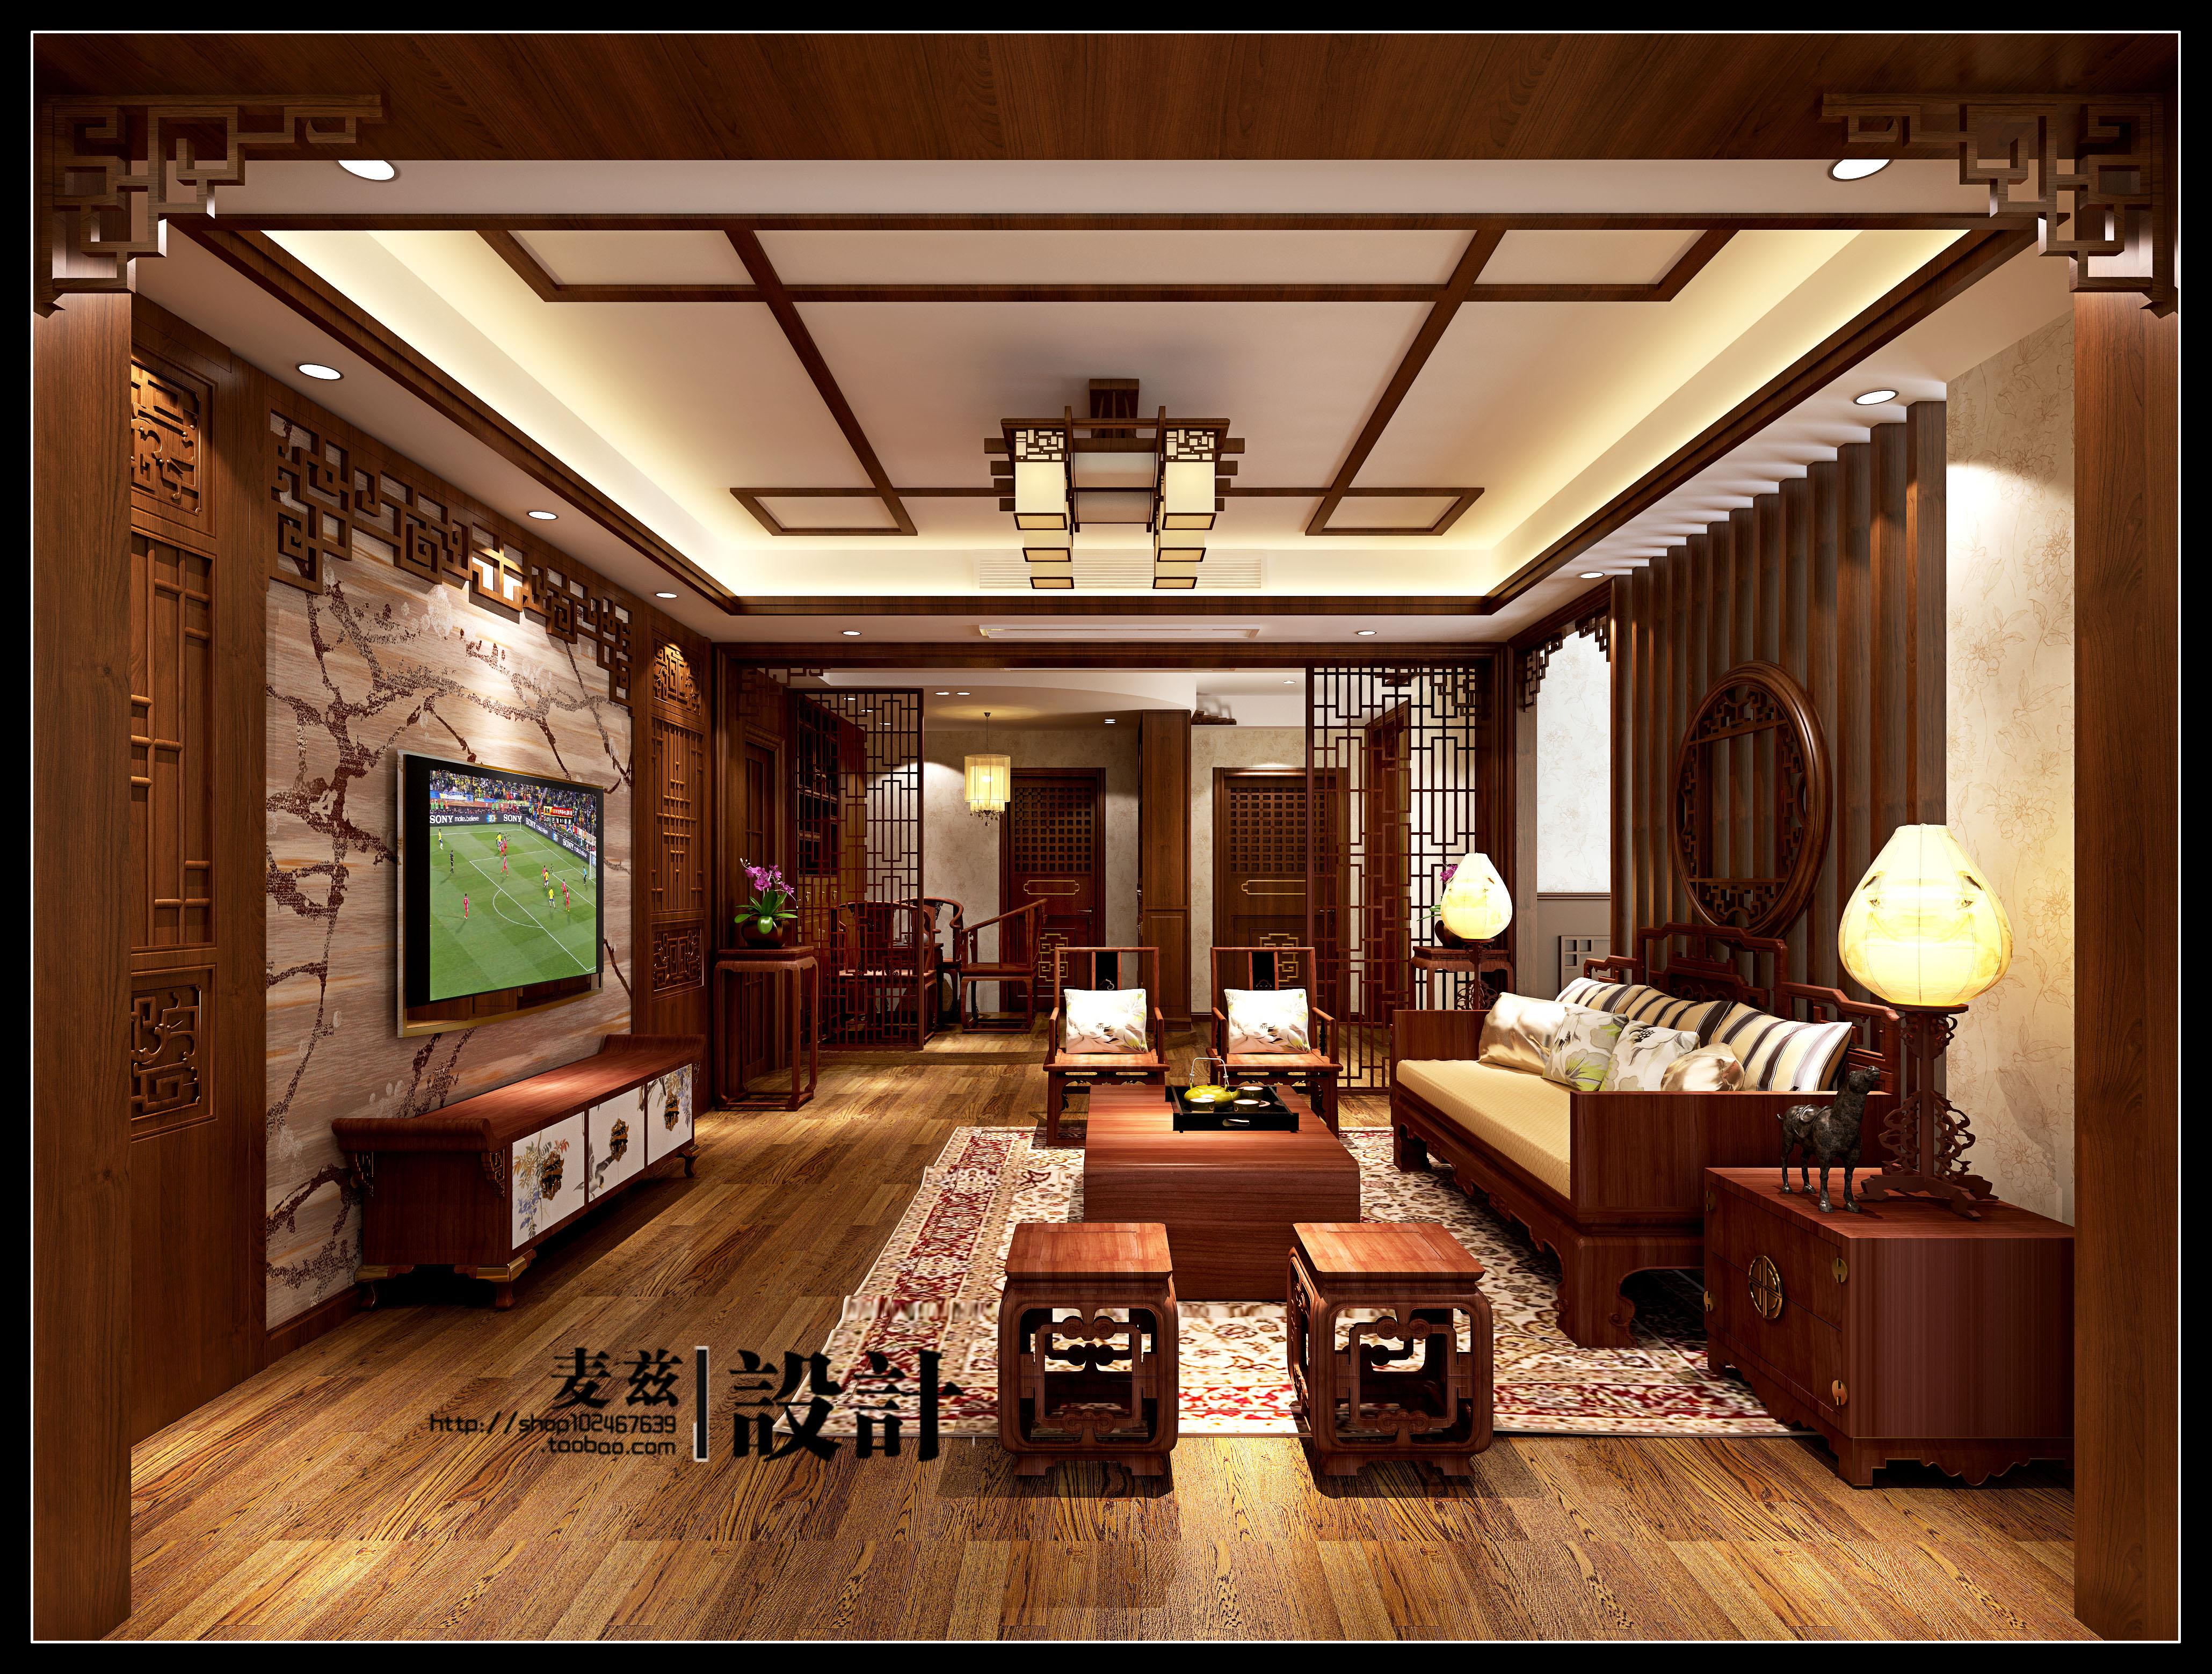 mz 中式风格室内装修家装设计服务平面图cad施工图效果图促销图片